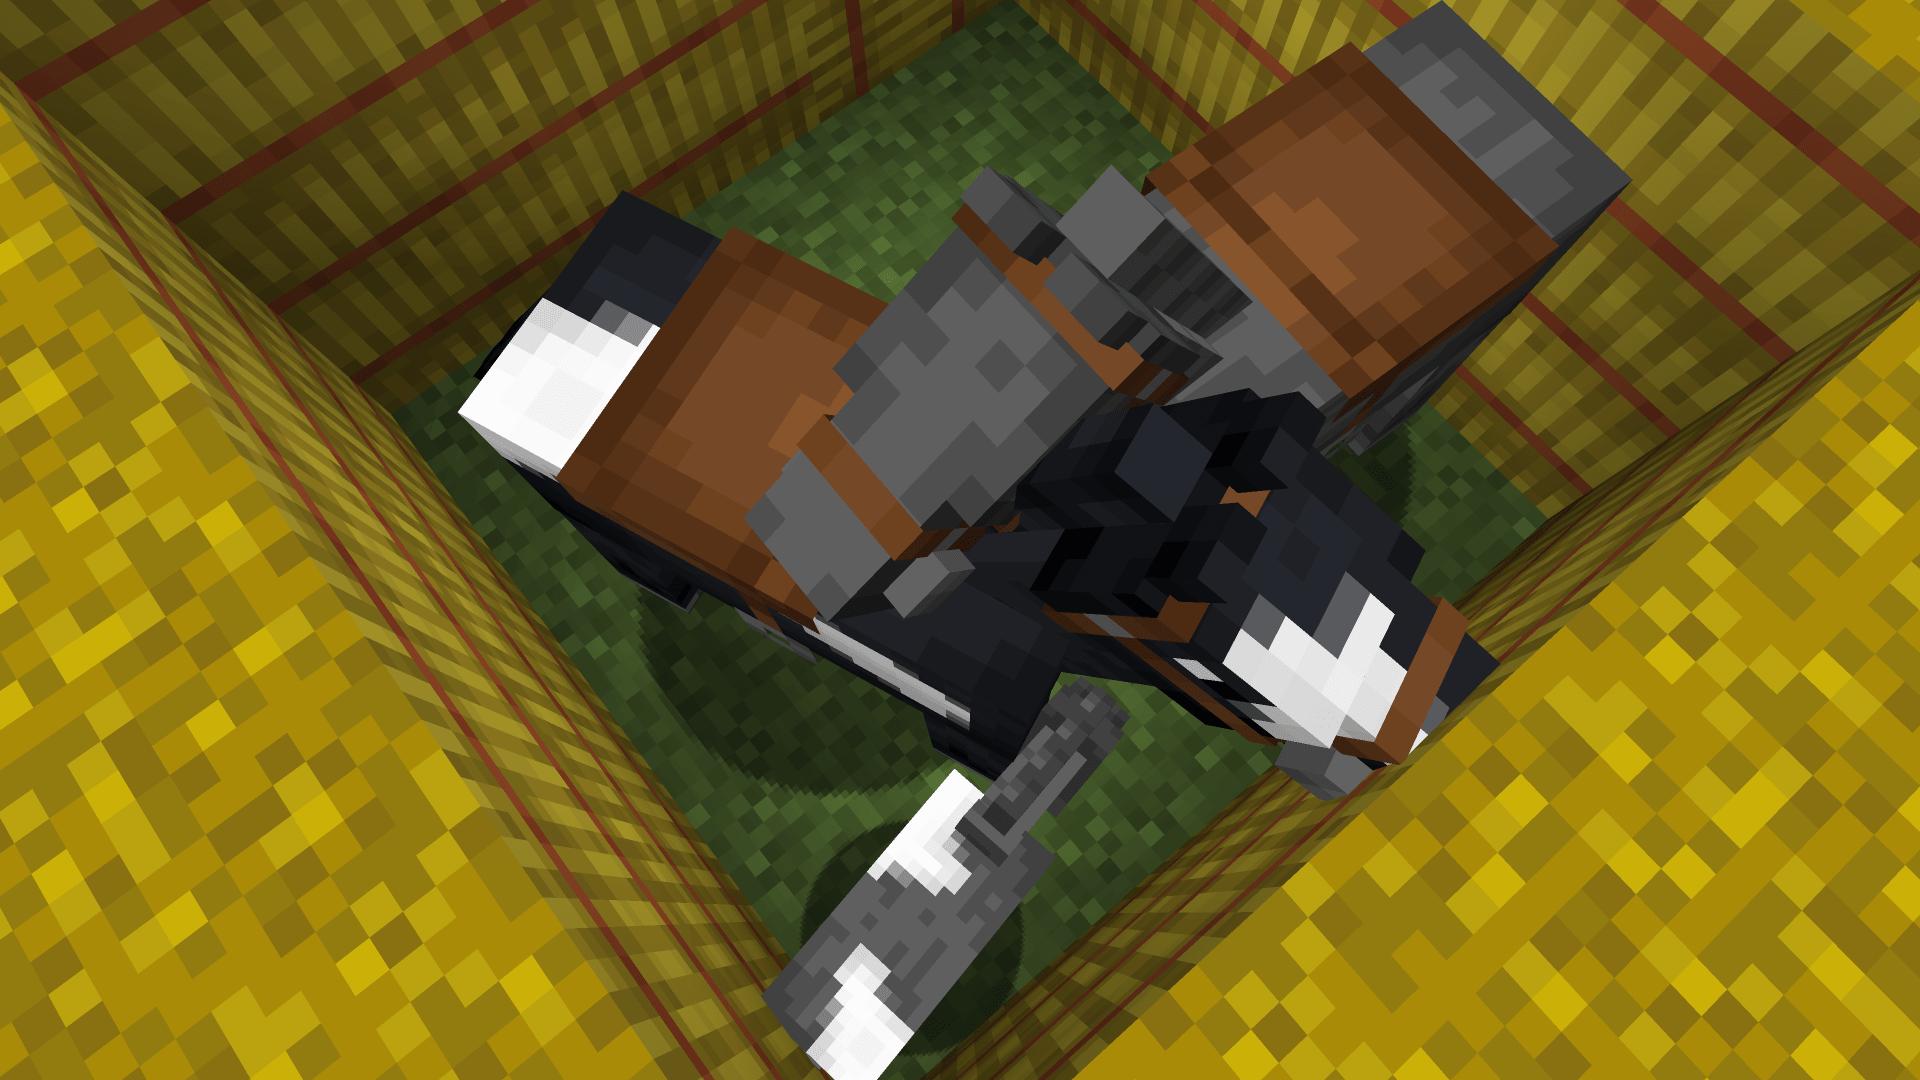 Ecco qua, finito il tutorial su come accoppiare i cavalli su Minecraft.